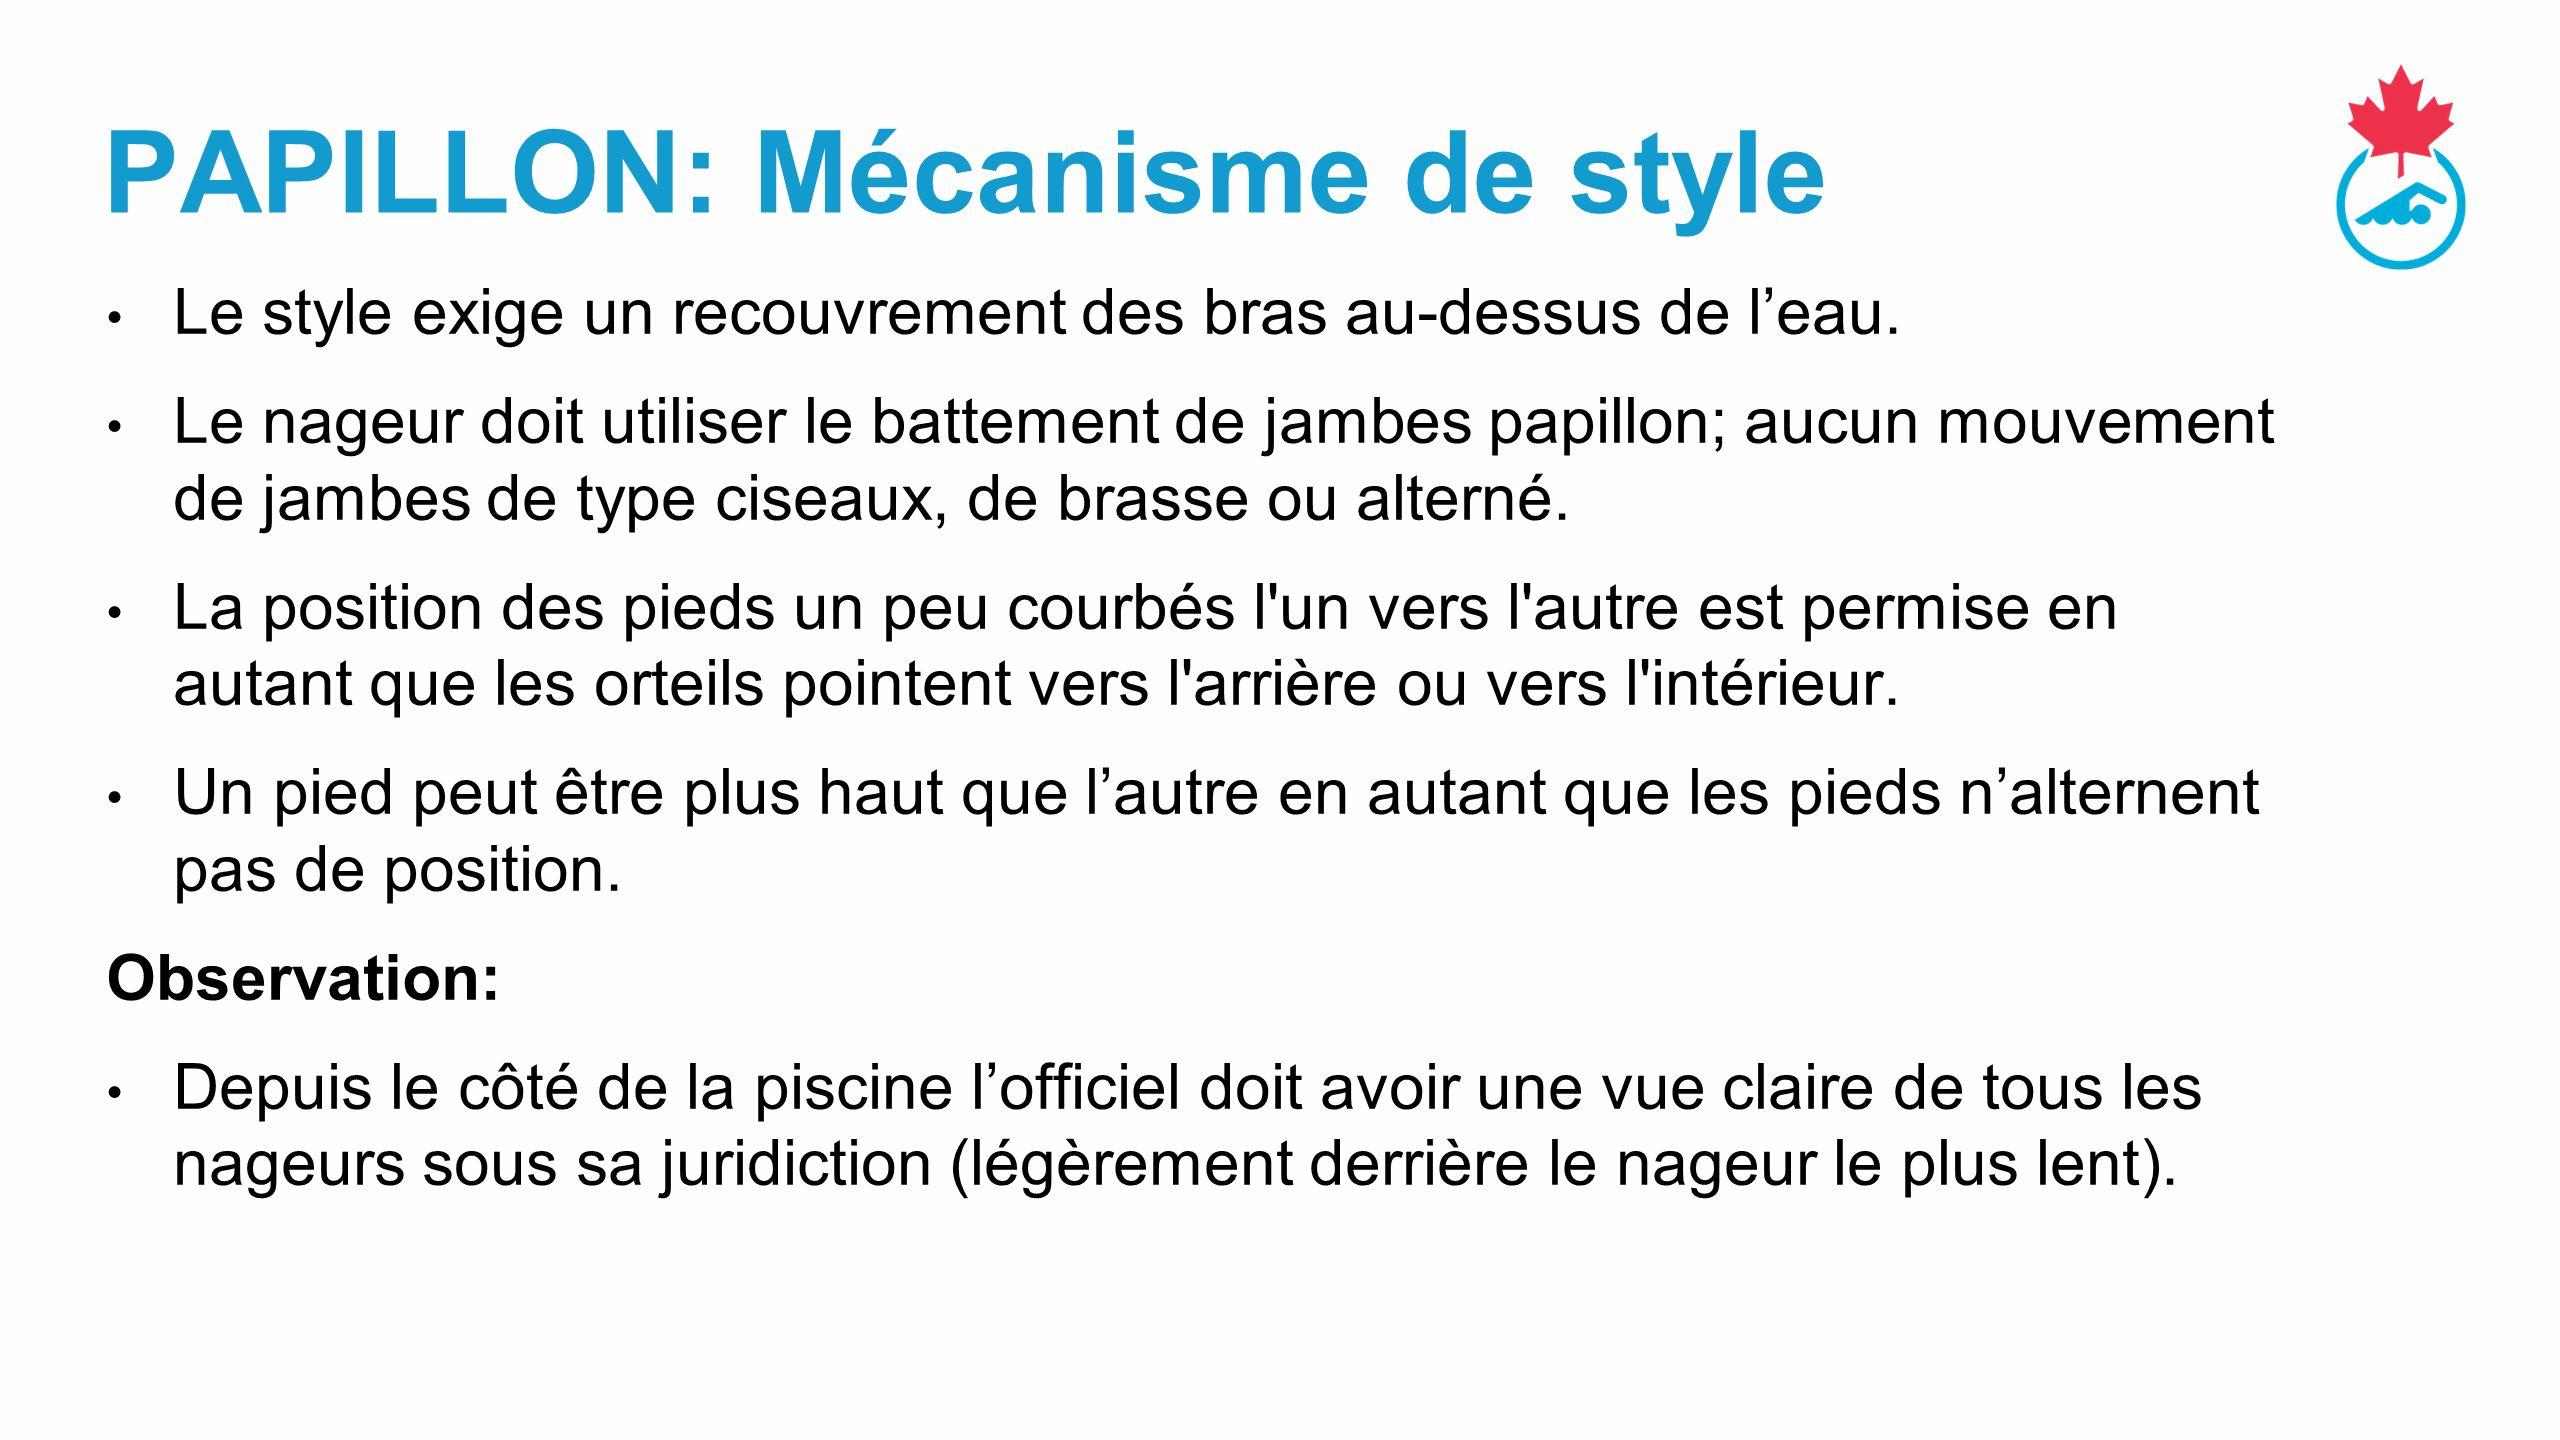 PAPILLON: Mécanisme de style